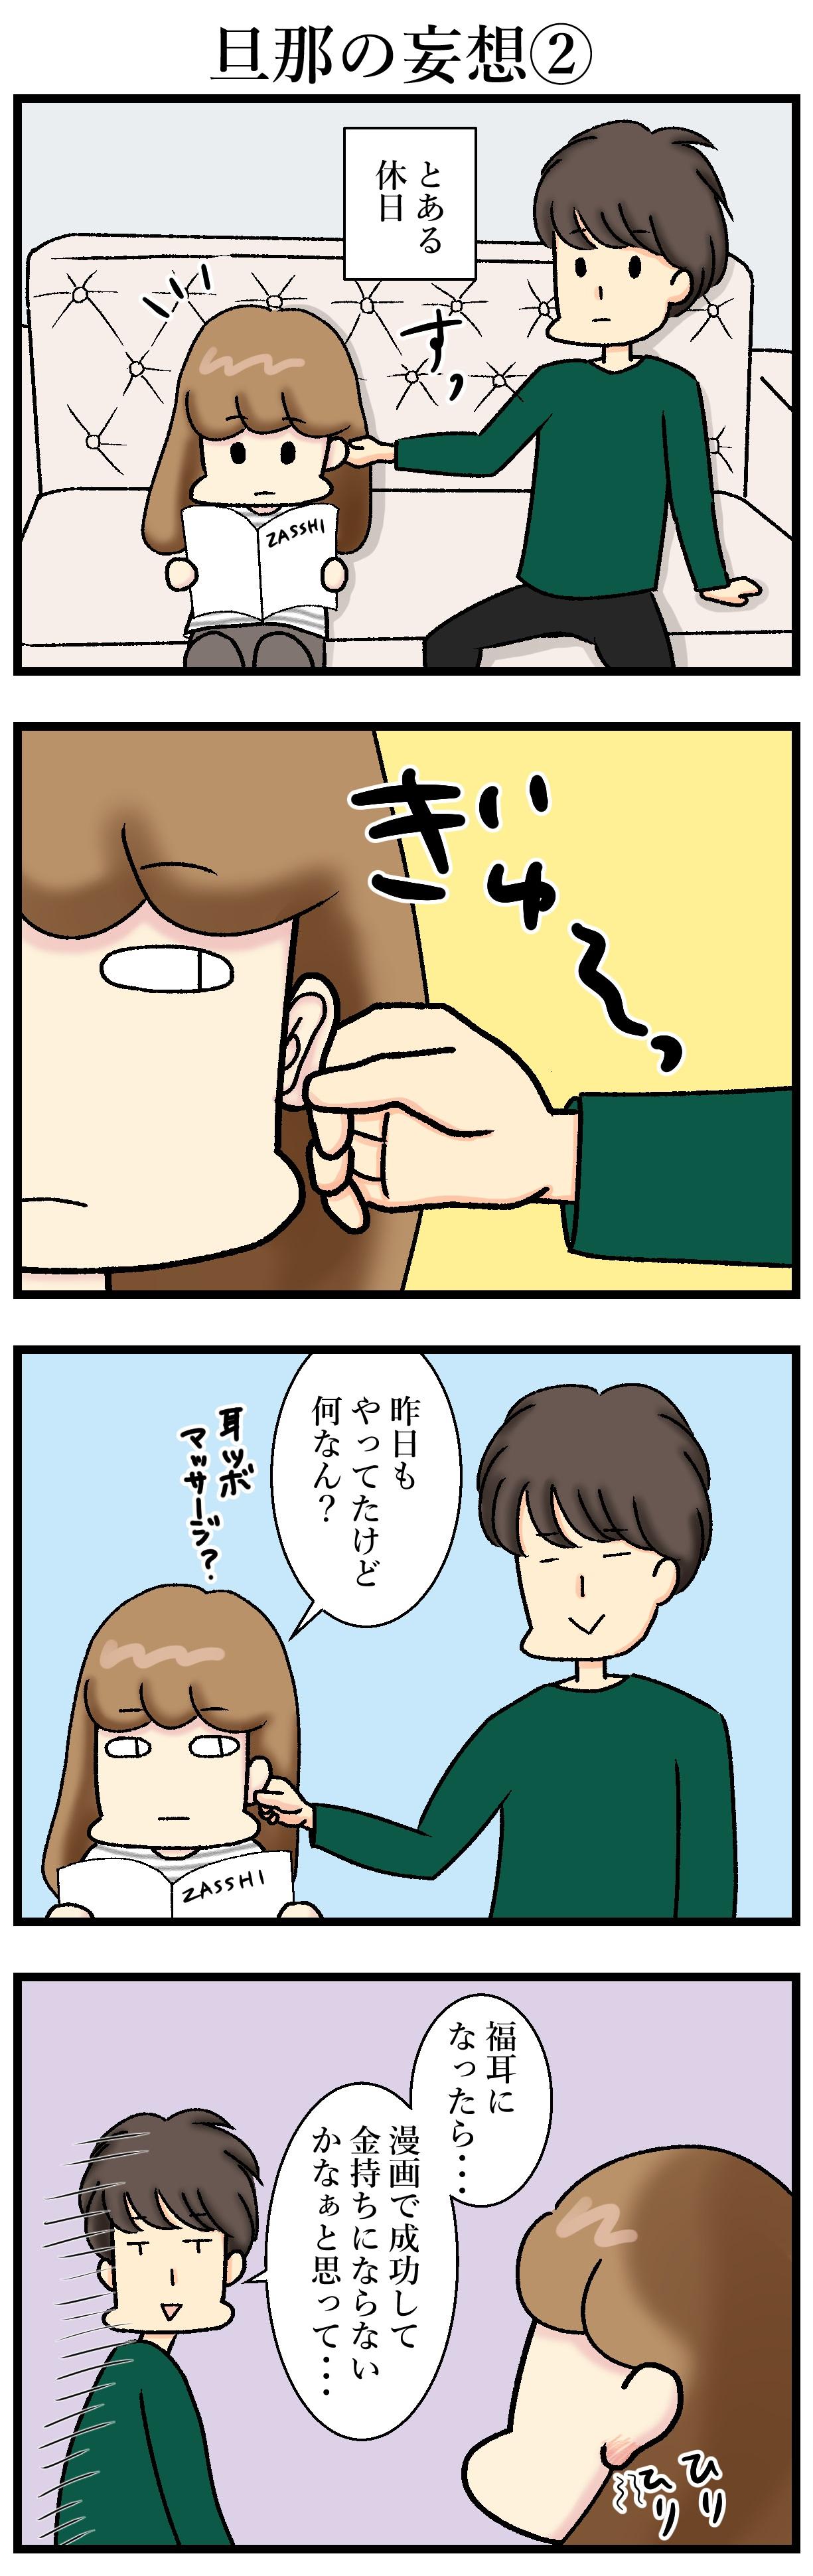 【エッセイ漫画】アラサー主婦くま子のふがいない日常(65)